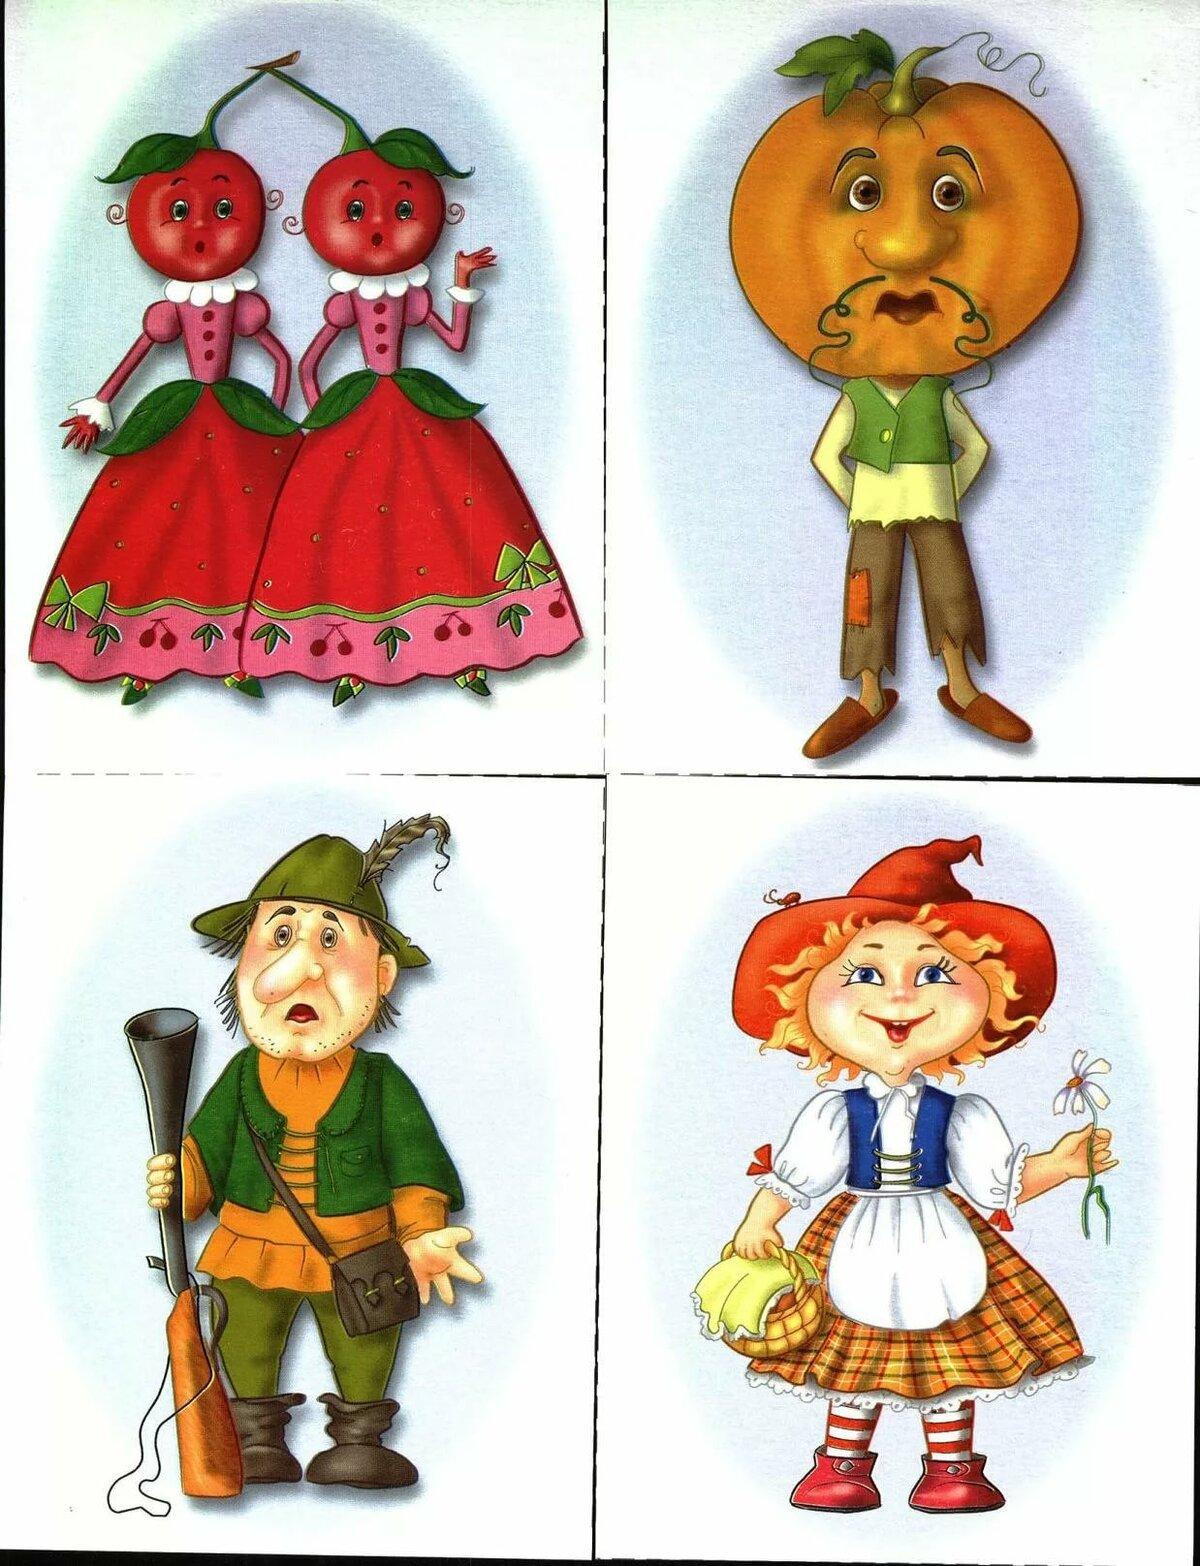 картинки с эмоциями сказочных персонажей